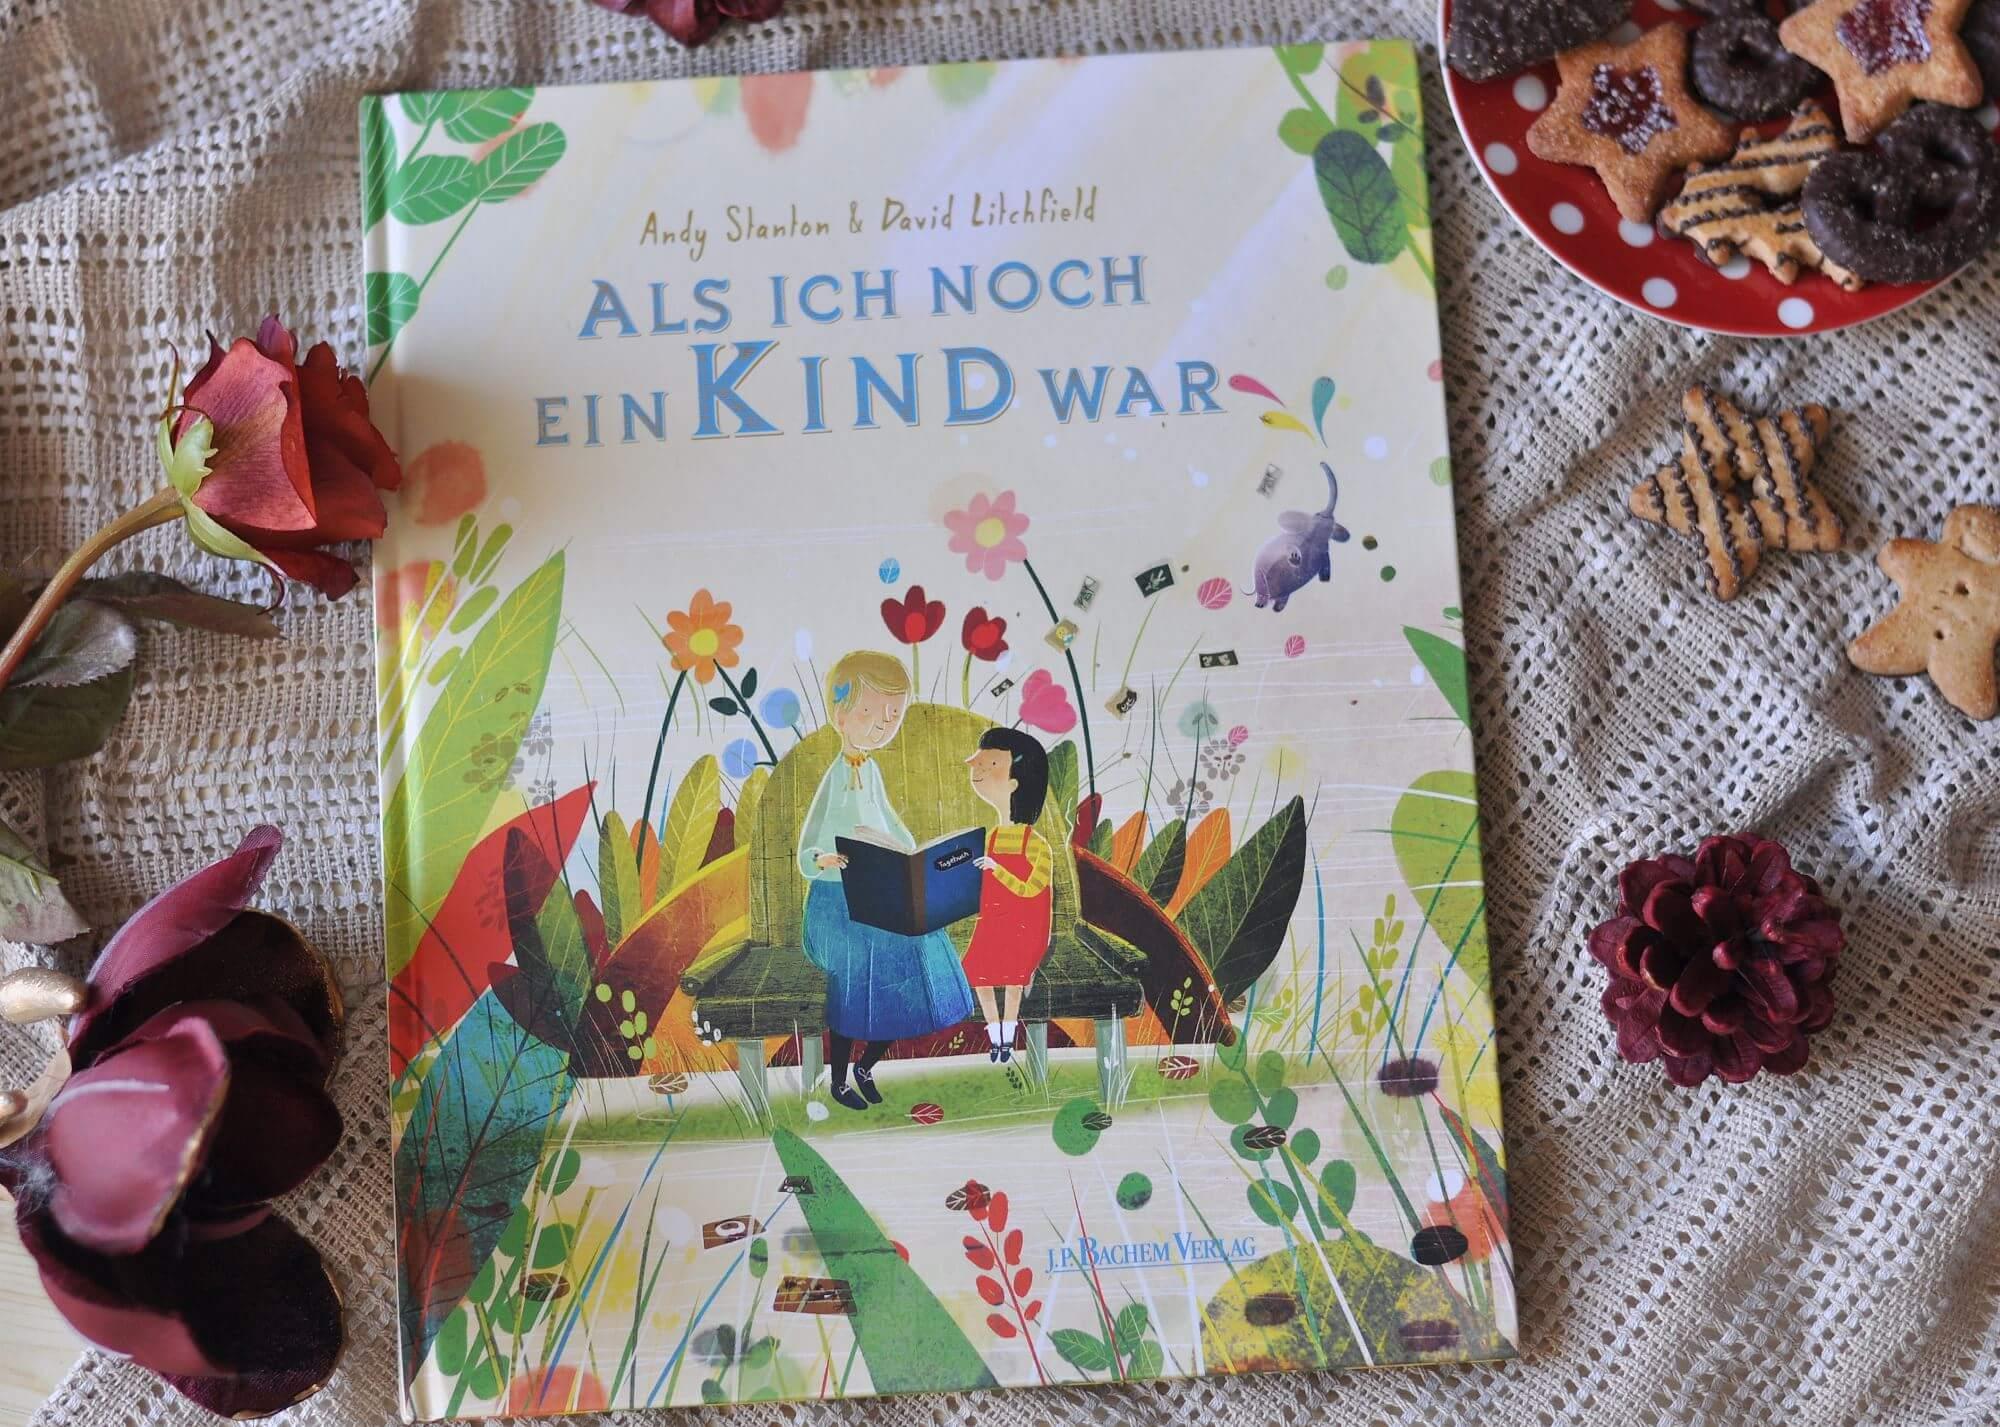 Ein wundervoll illustriertes Kinderbuch über die Fantasie #Kinderbuch #Vorlesen #Lichtfield #Bilderbuch #Kind #Träume #Oma